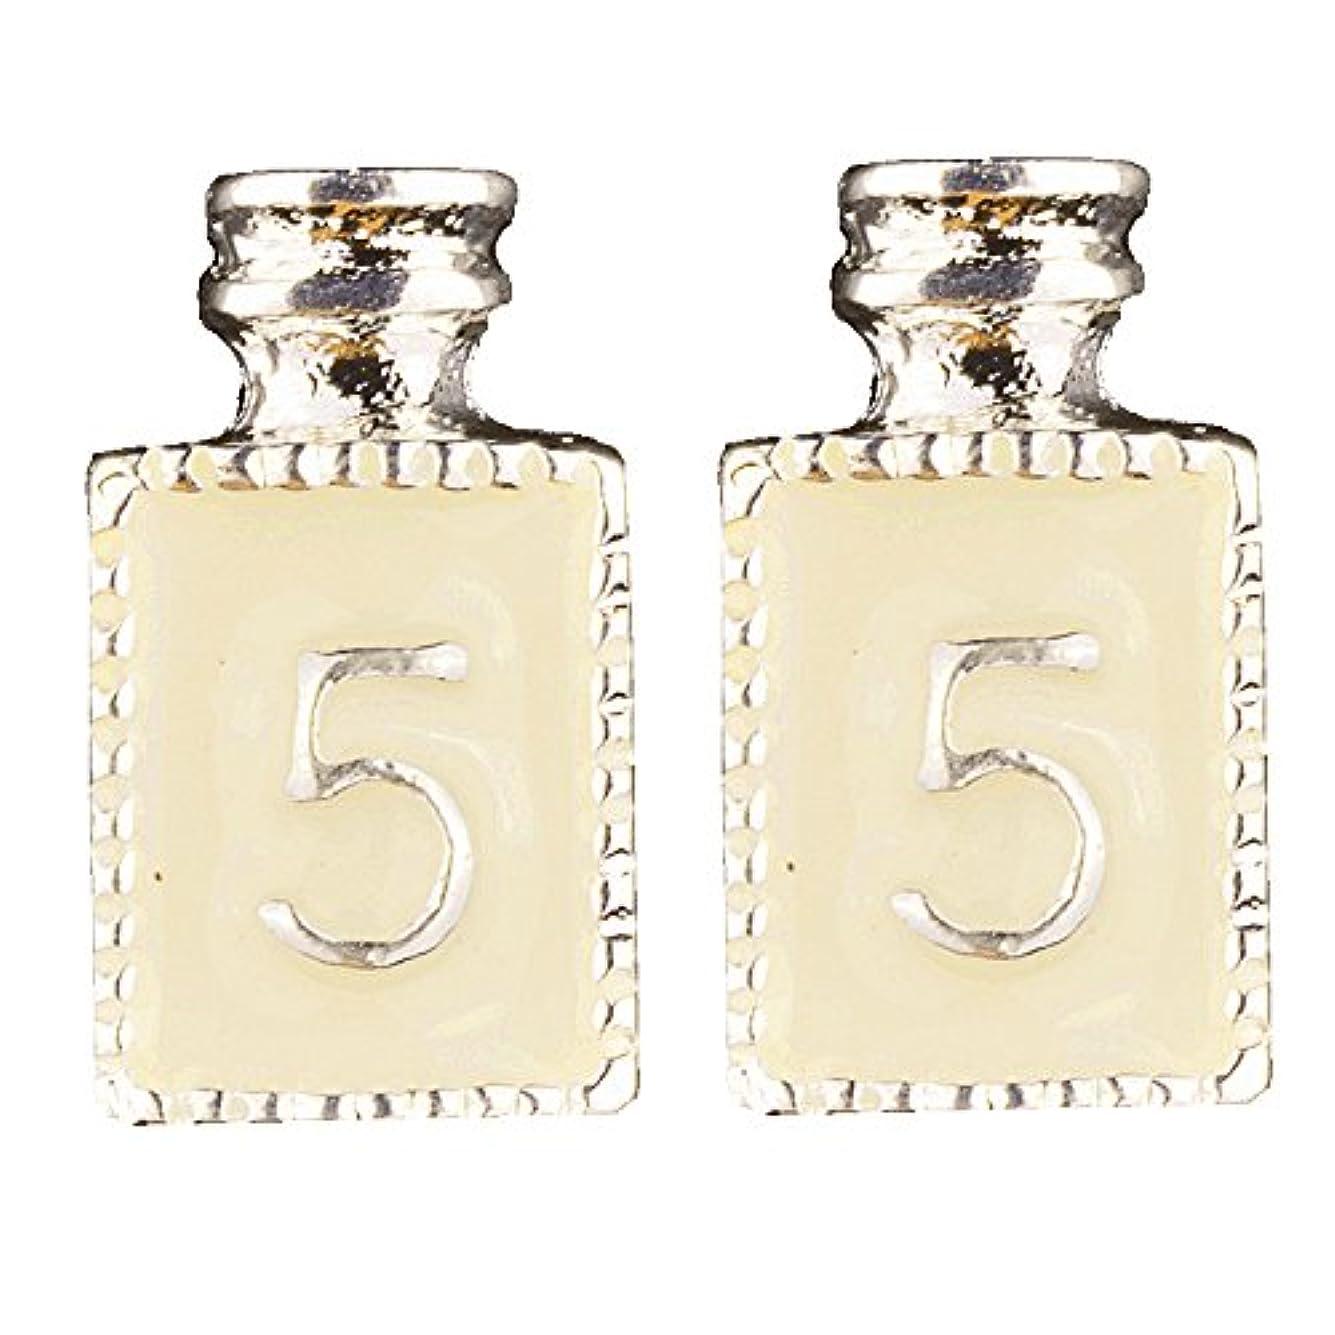 転送キャスト名門[AQUA NAIL] ネイルジュエリー コロン 香水 パーツ 2個入り (6.silver(白2個入り))